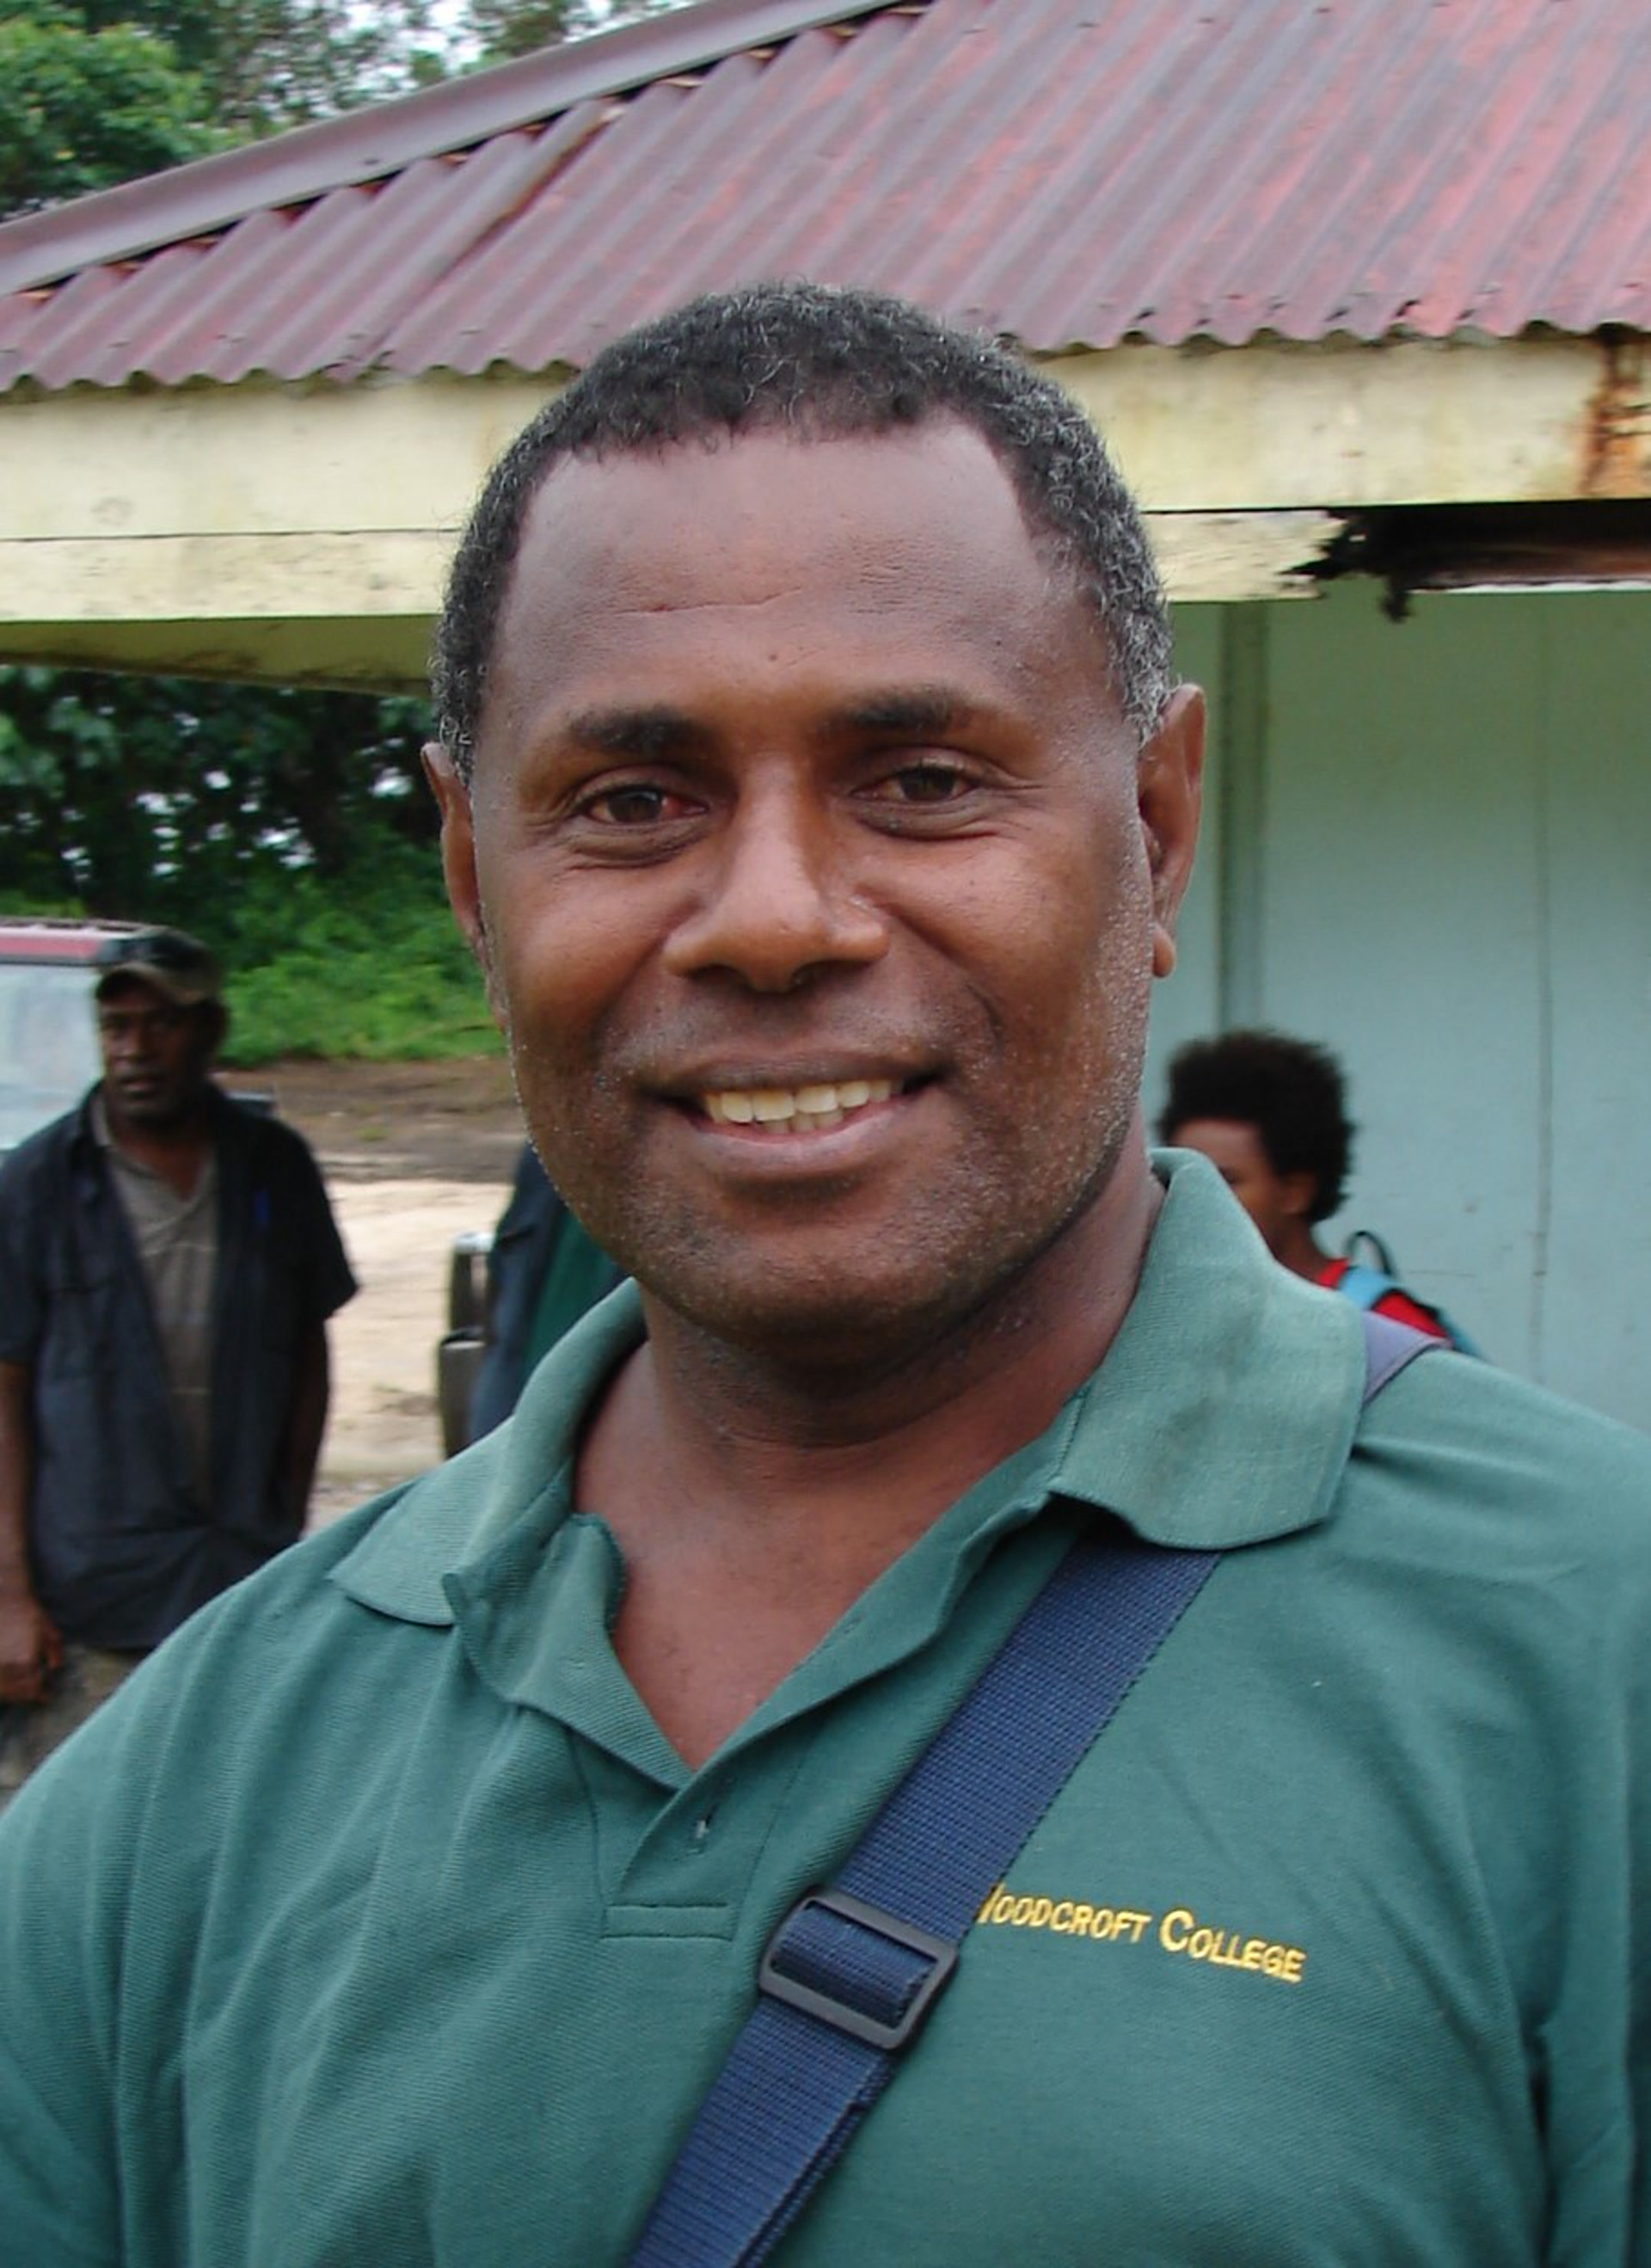 L'instituteur Stanley Lengson, locuteur du lehali, vit dans l'île de Motalava. (photo AF, 2011)